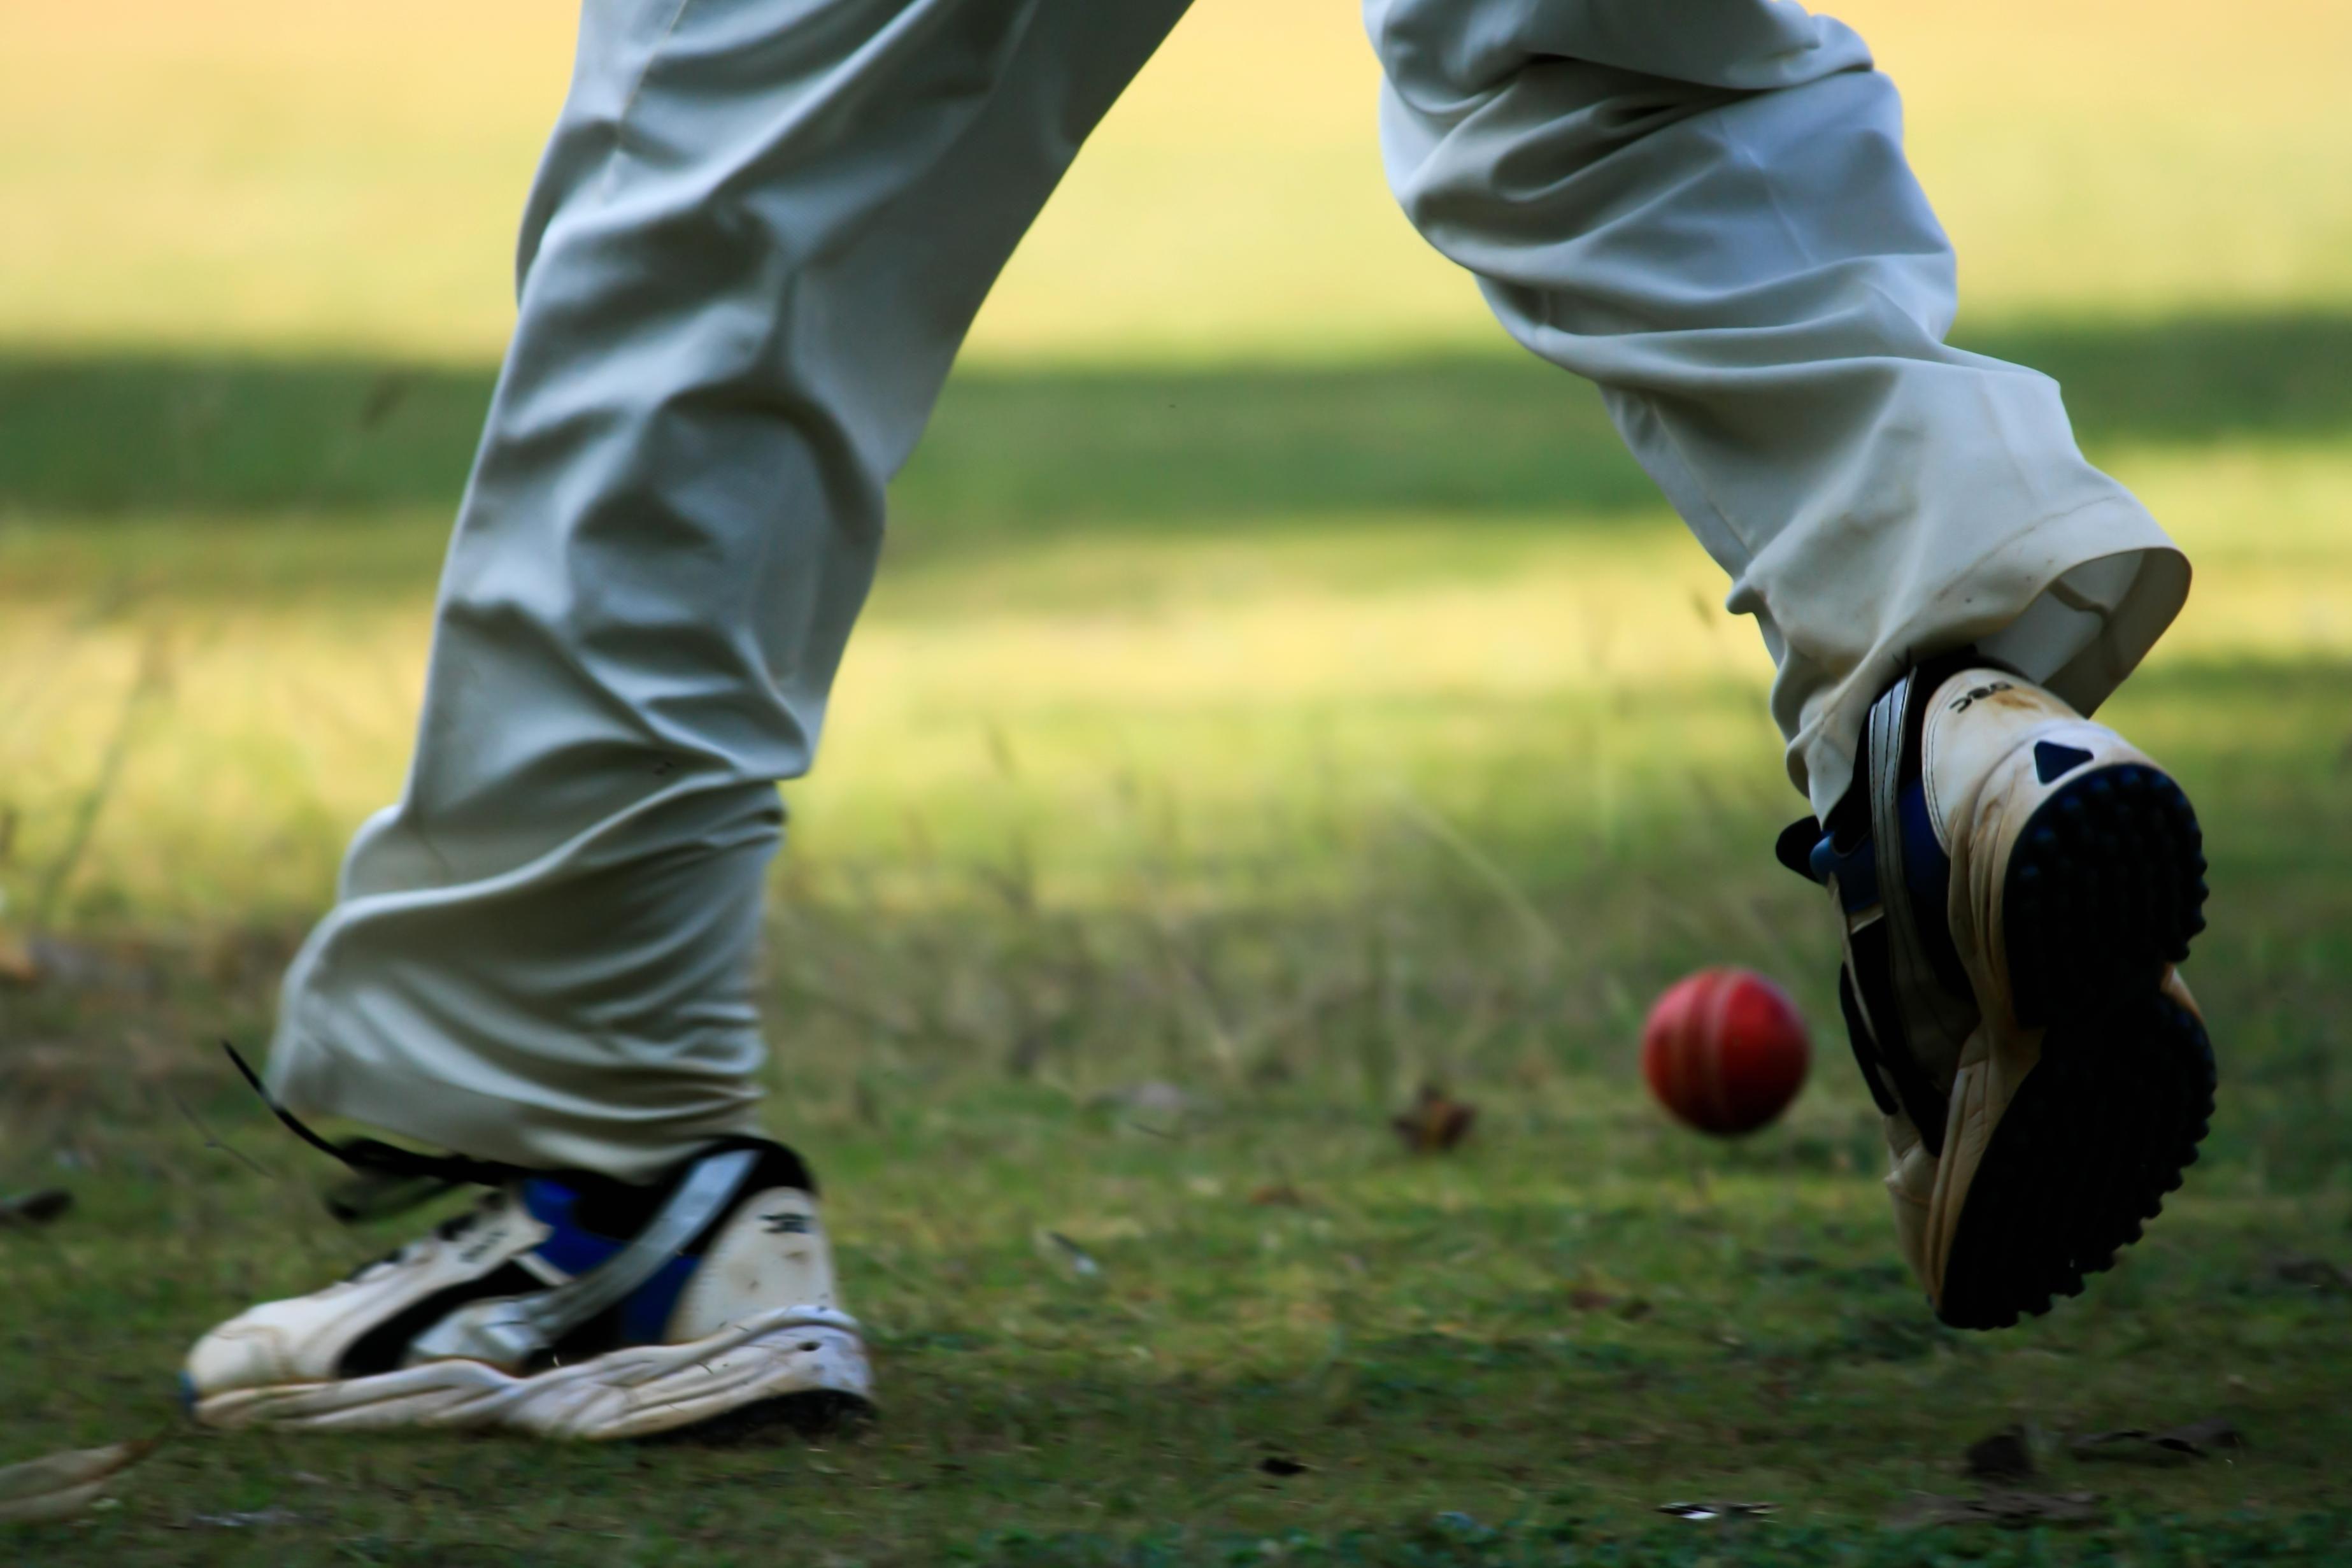 6b47dca04 Bezplatný obrázok: červená, lopta, športová obuv, loptu, rekreácia ...